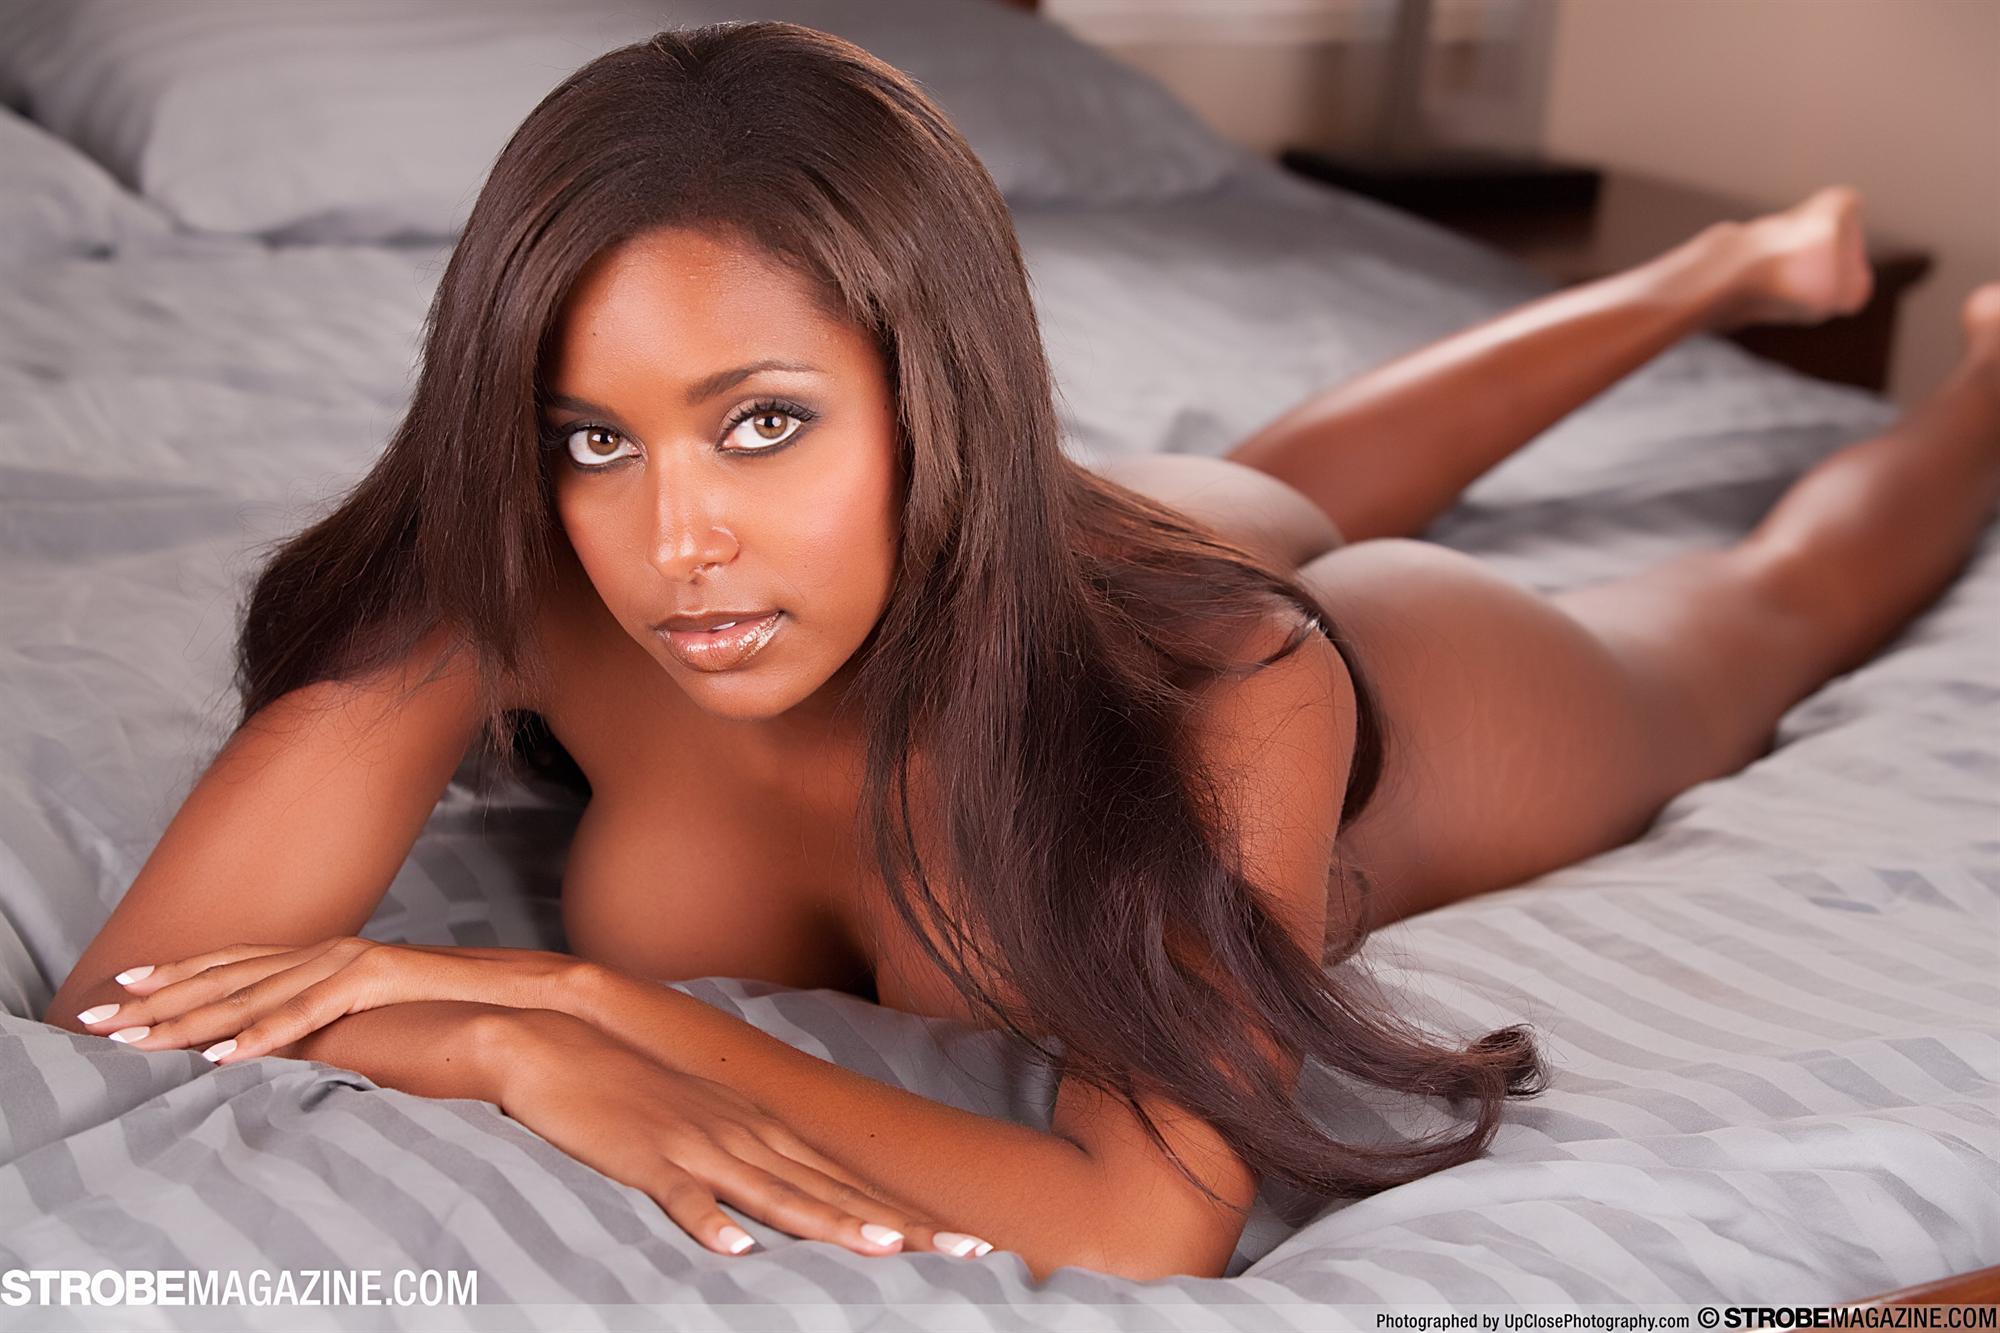 artistic nude women models